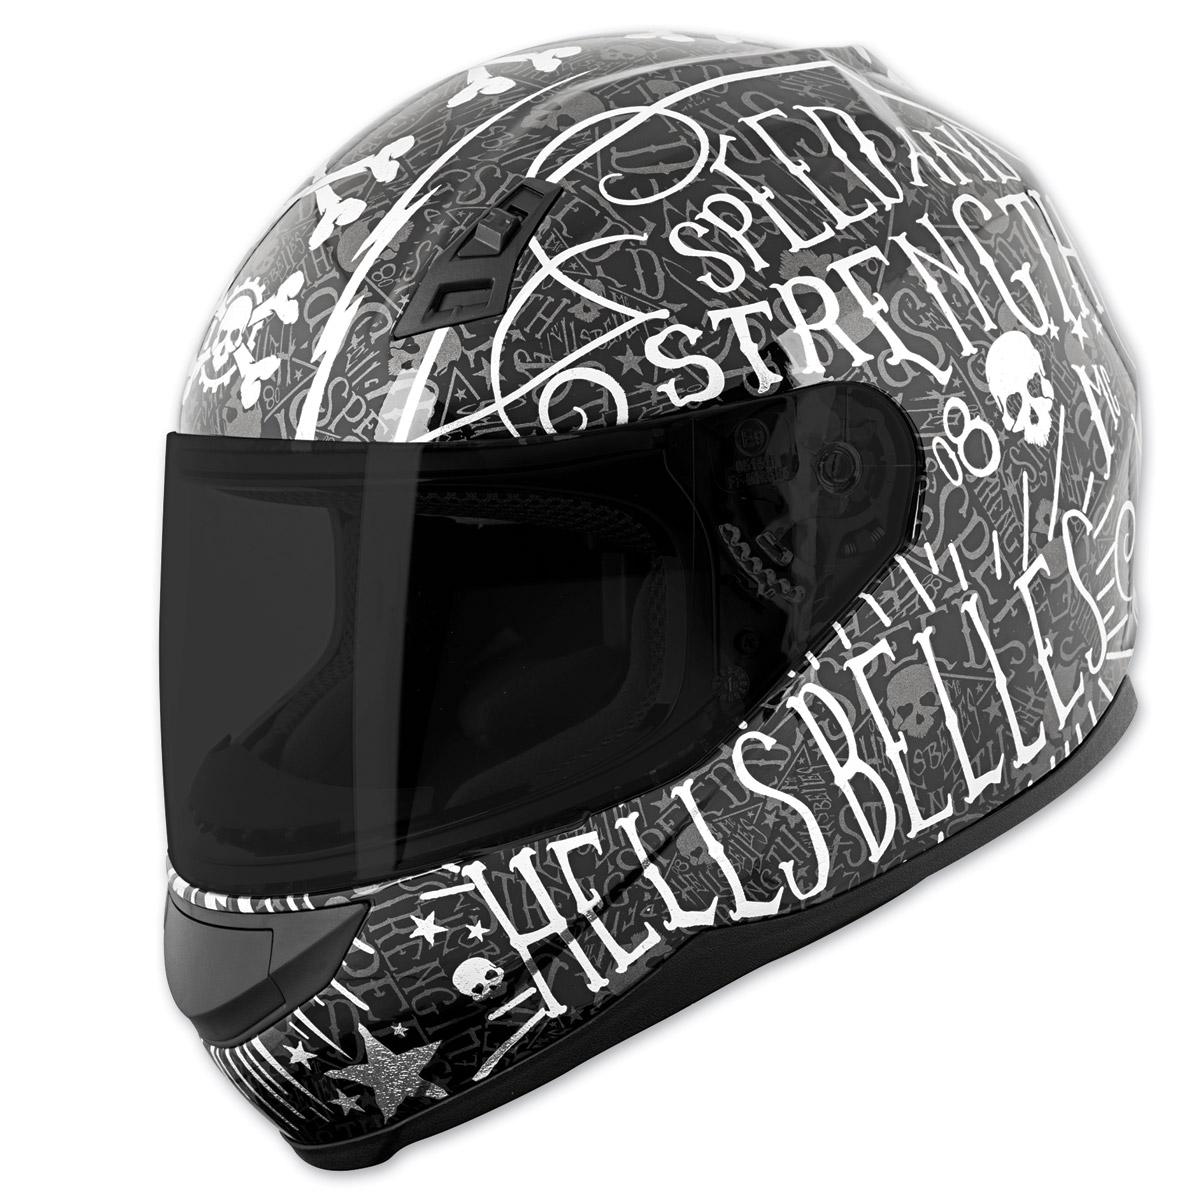 Speed and Strength SS700 Hell′s Belles Matte Black Full Face Helmet